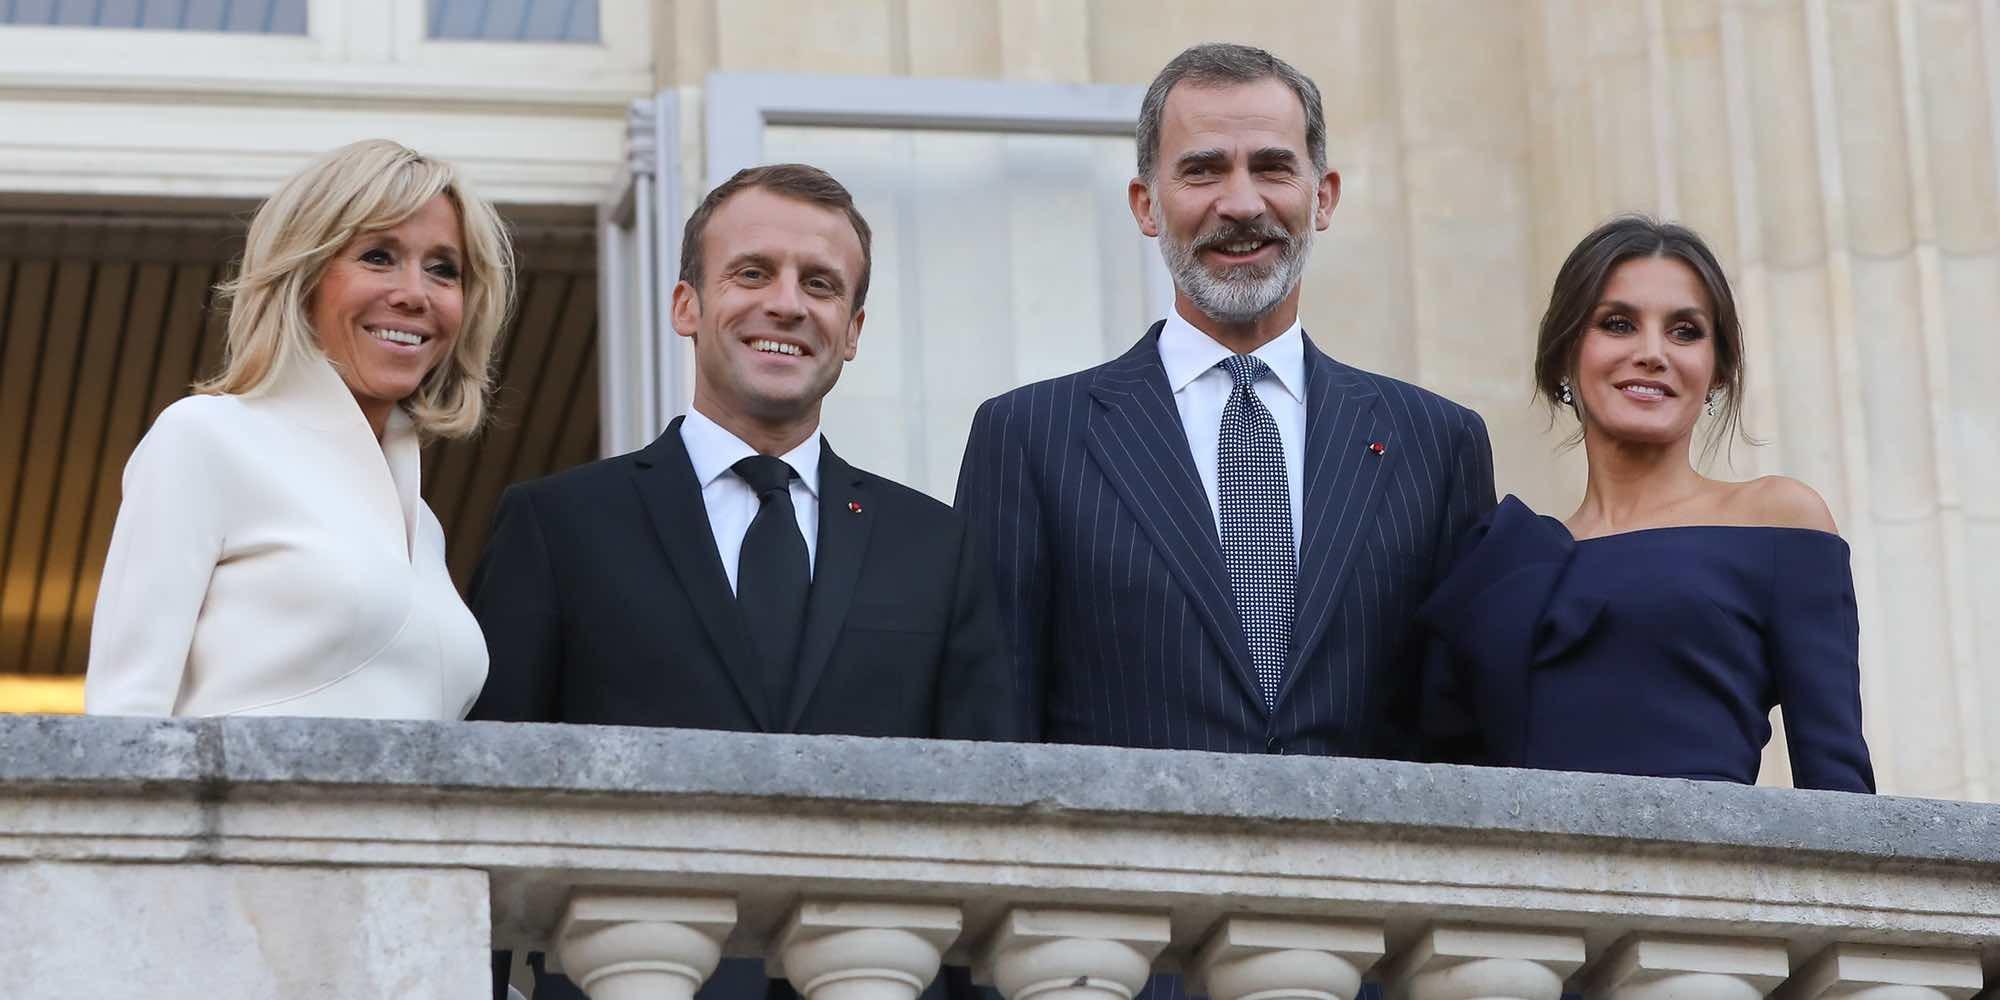 El guiño de Brigitte Macron a la Reina Letizia durante su visita oficial a París